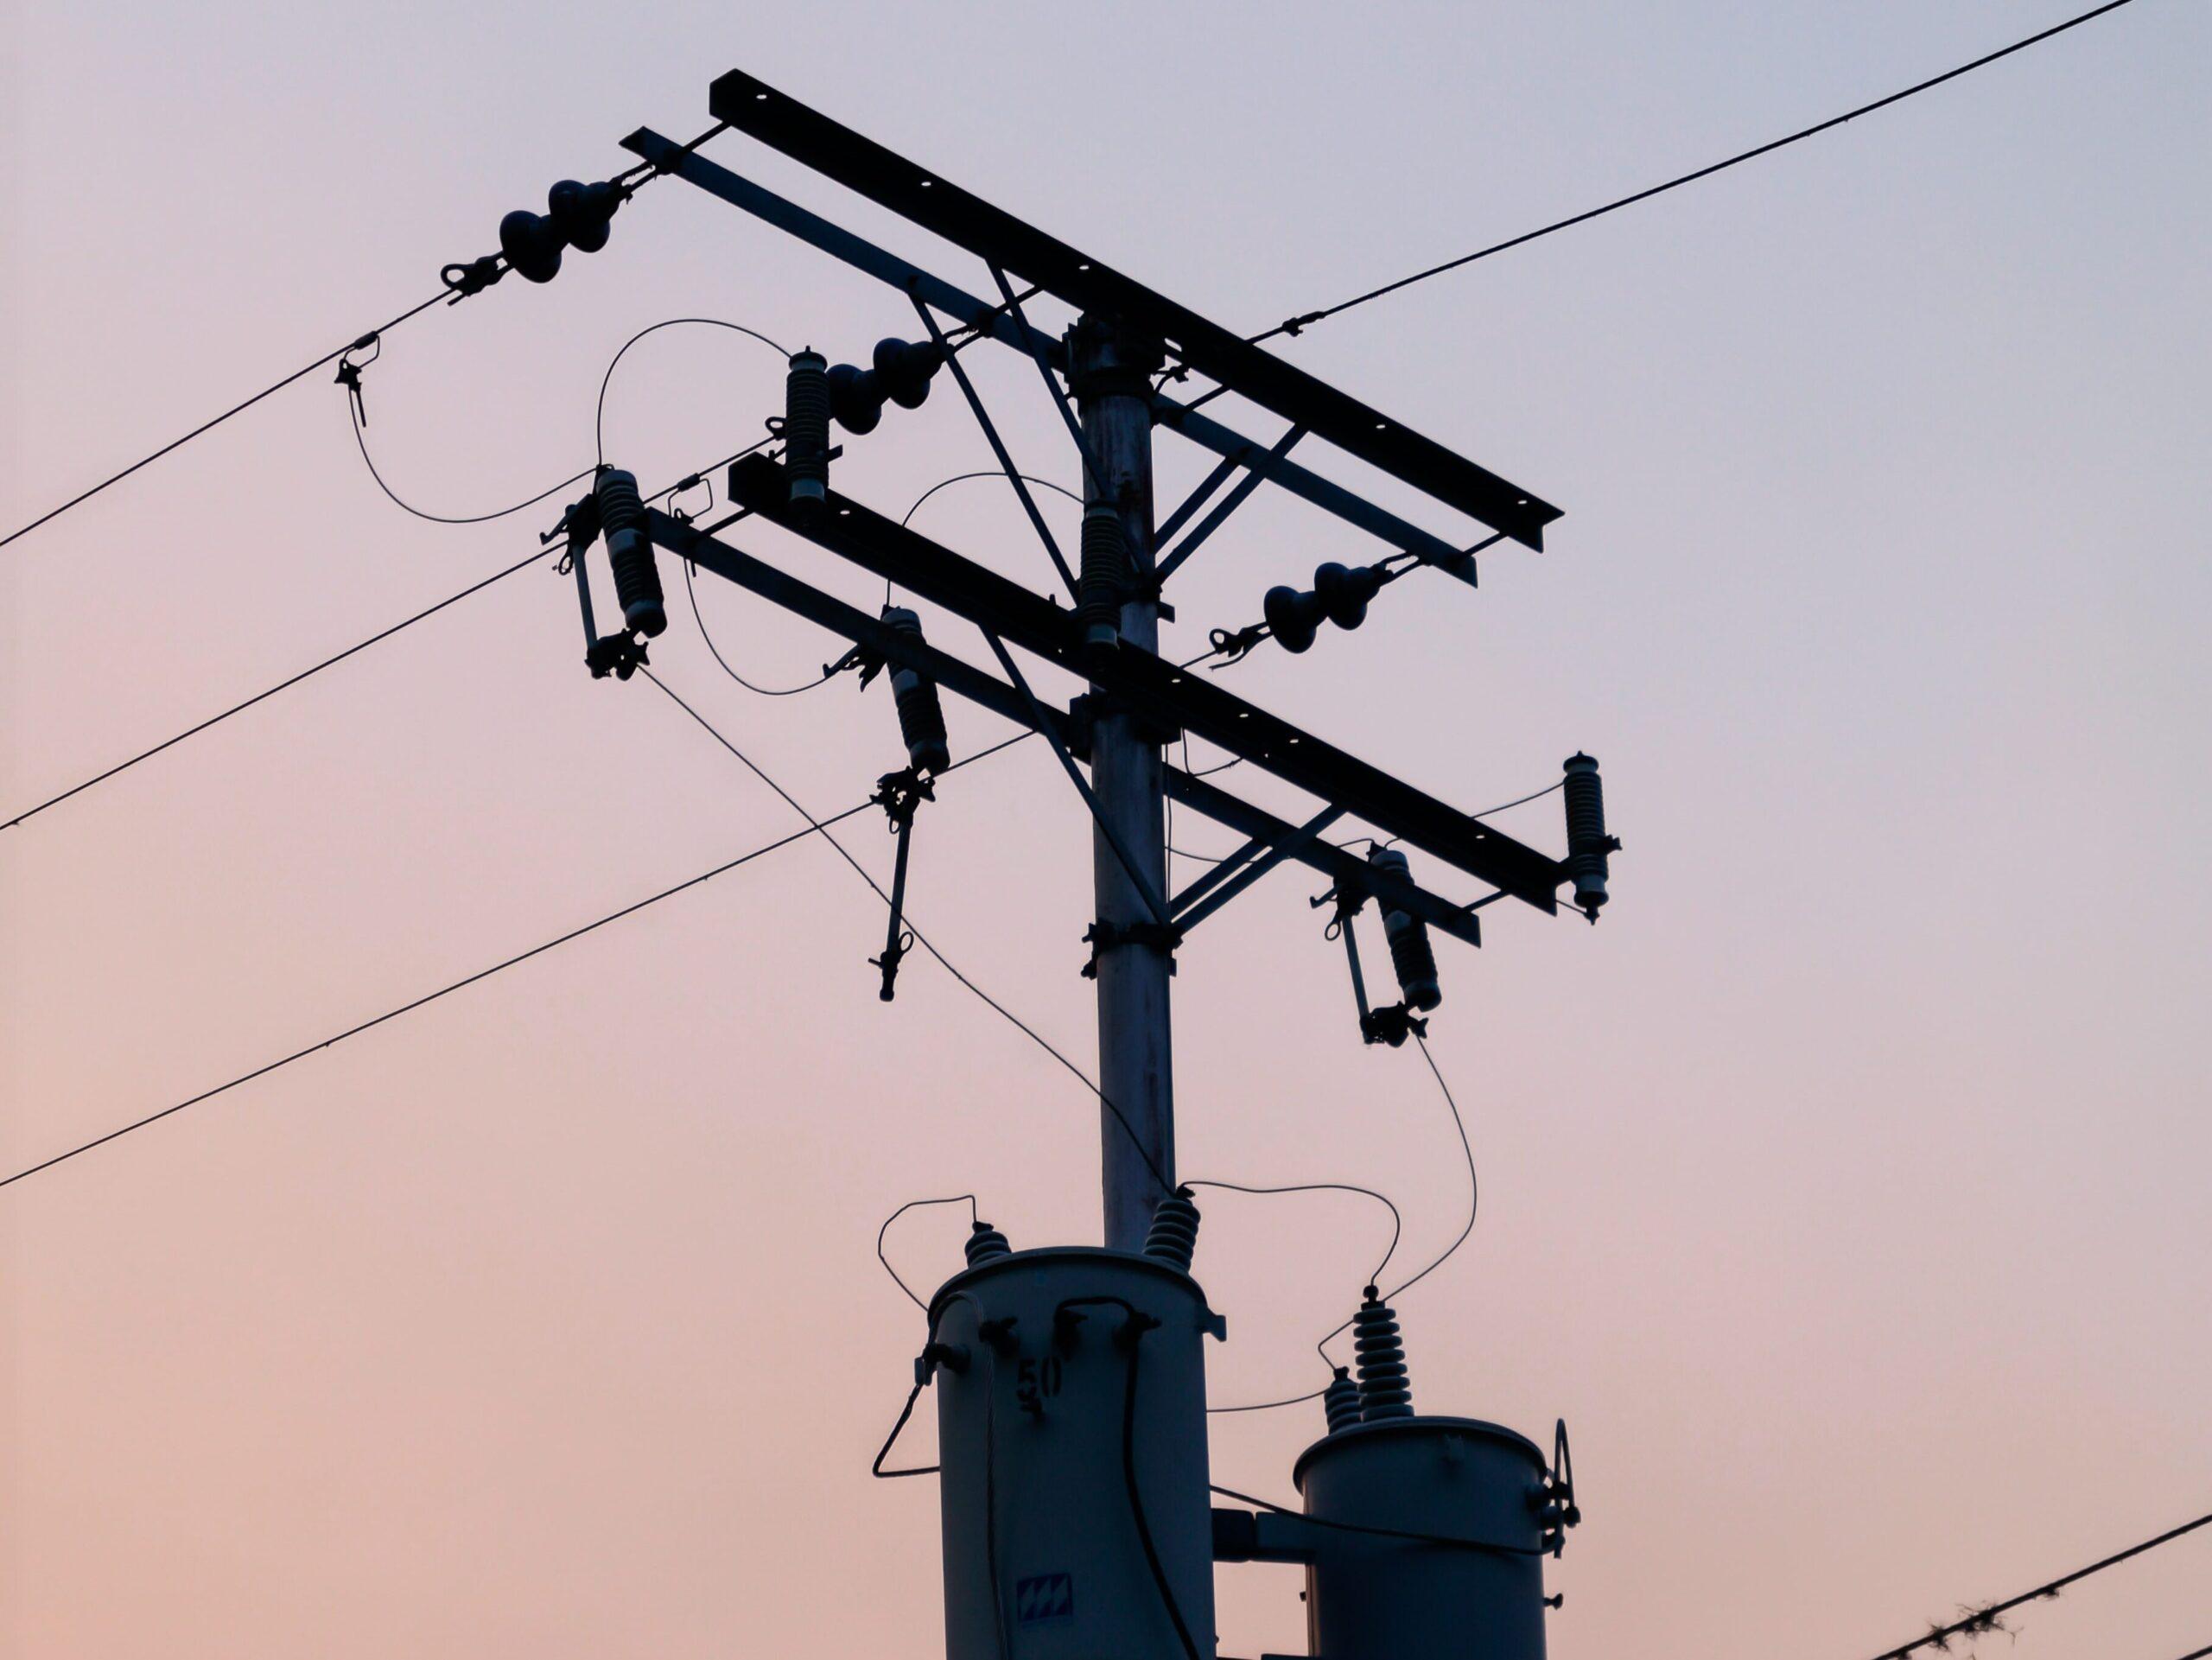 En noviembre pasado, South Sudan Electricity Corporation comenzó a operar la primera sección de la red de distribución rehabilitada de Juba